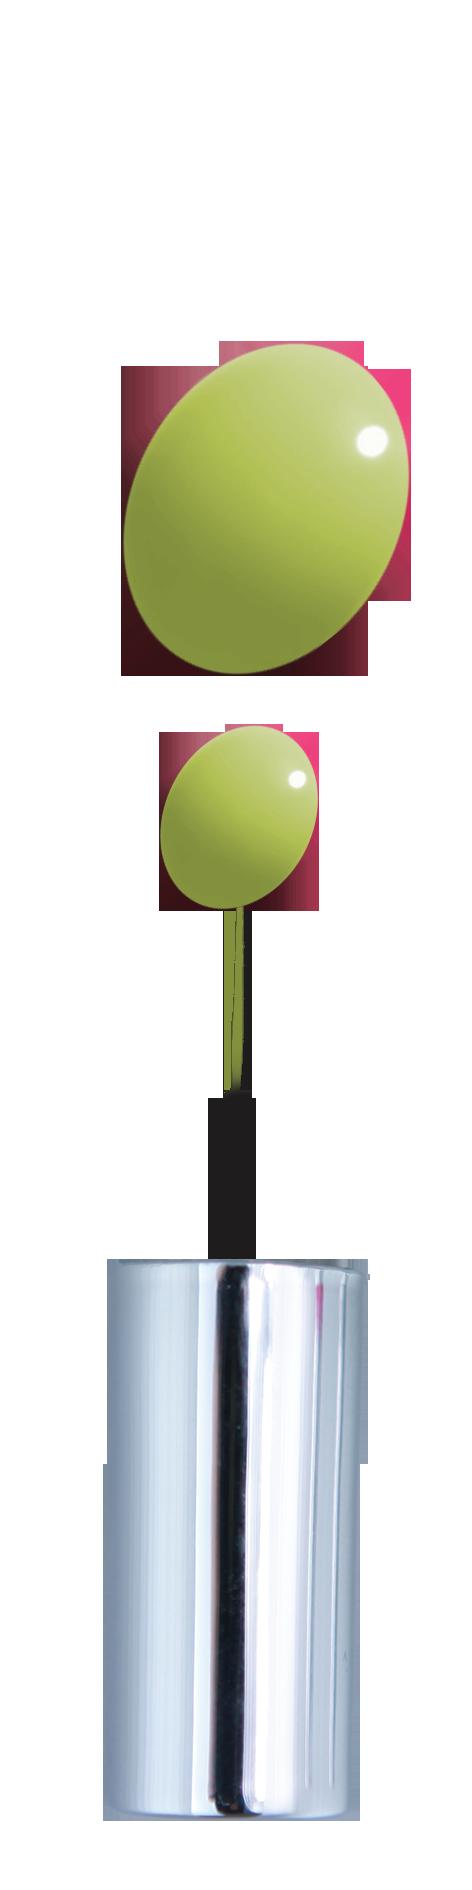 Nailart Crystalac - Díszítő tűecsetes Crystalac - 10